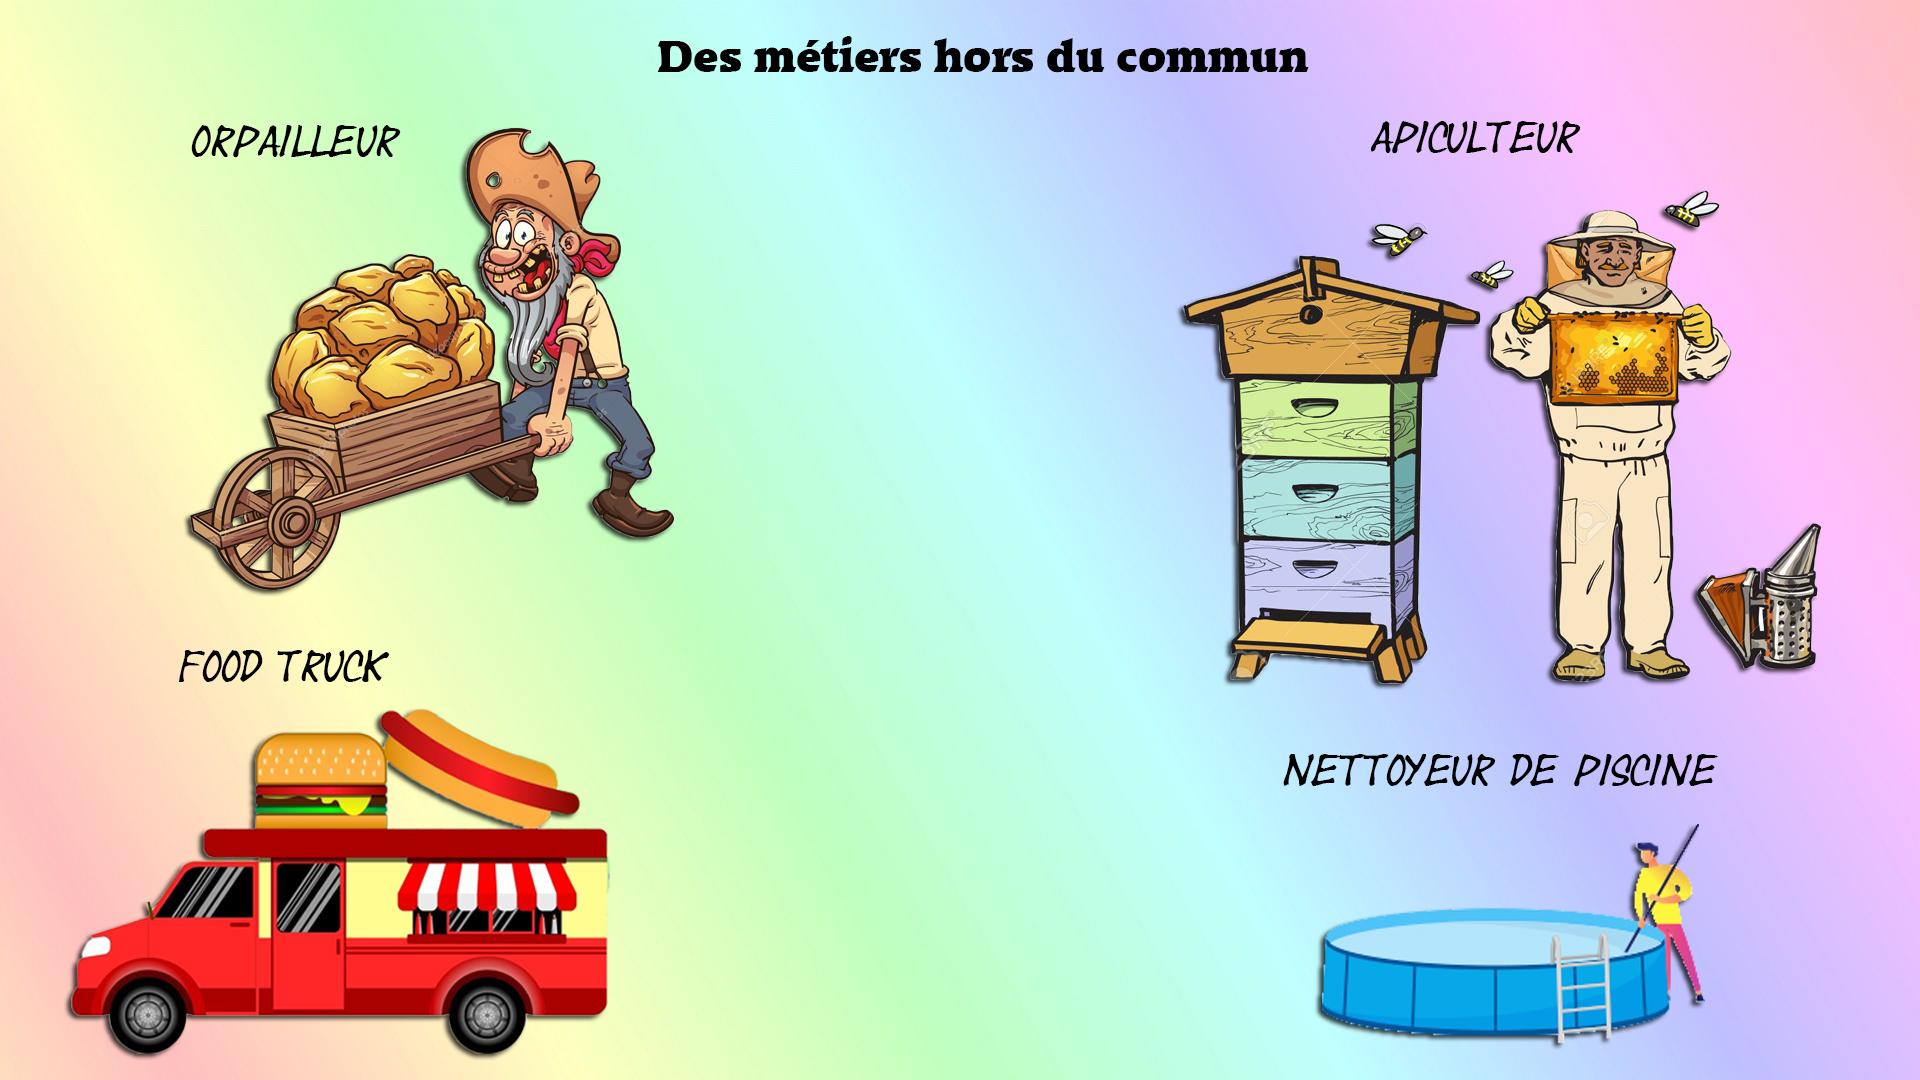 5de983e4f018d-métiers.jpg